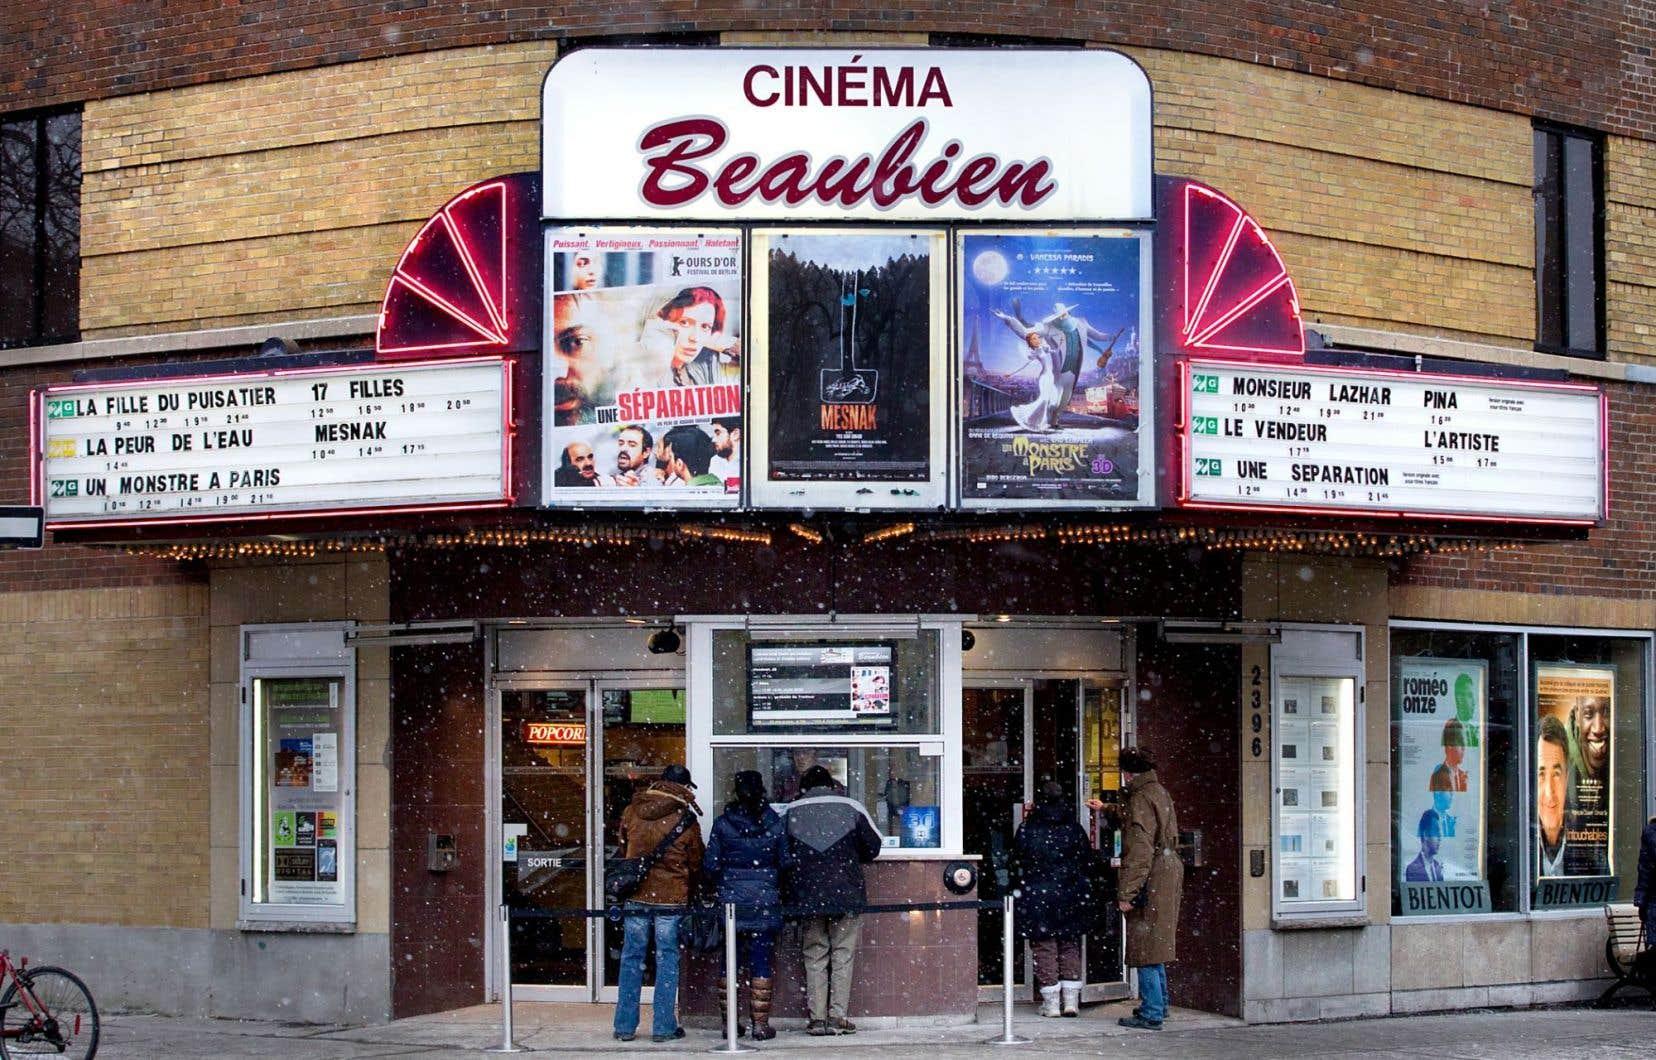 La marquise du cinéma beaubien, en 2012